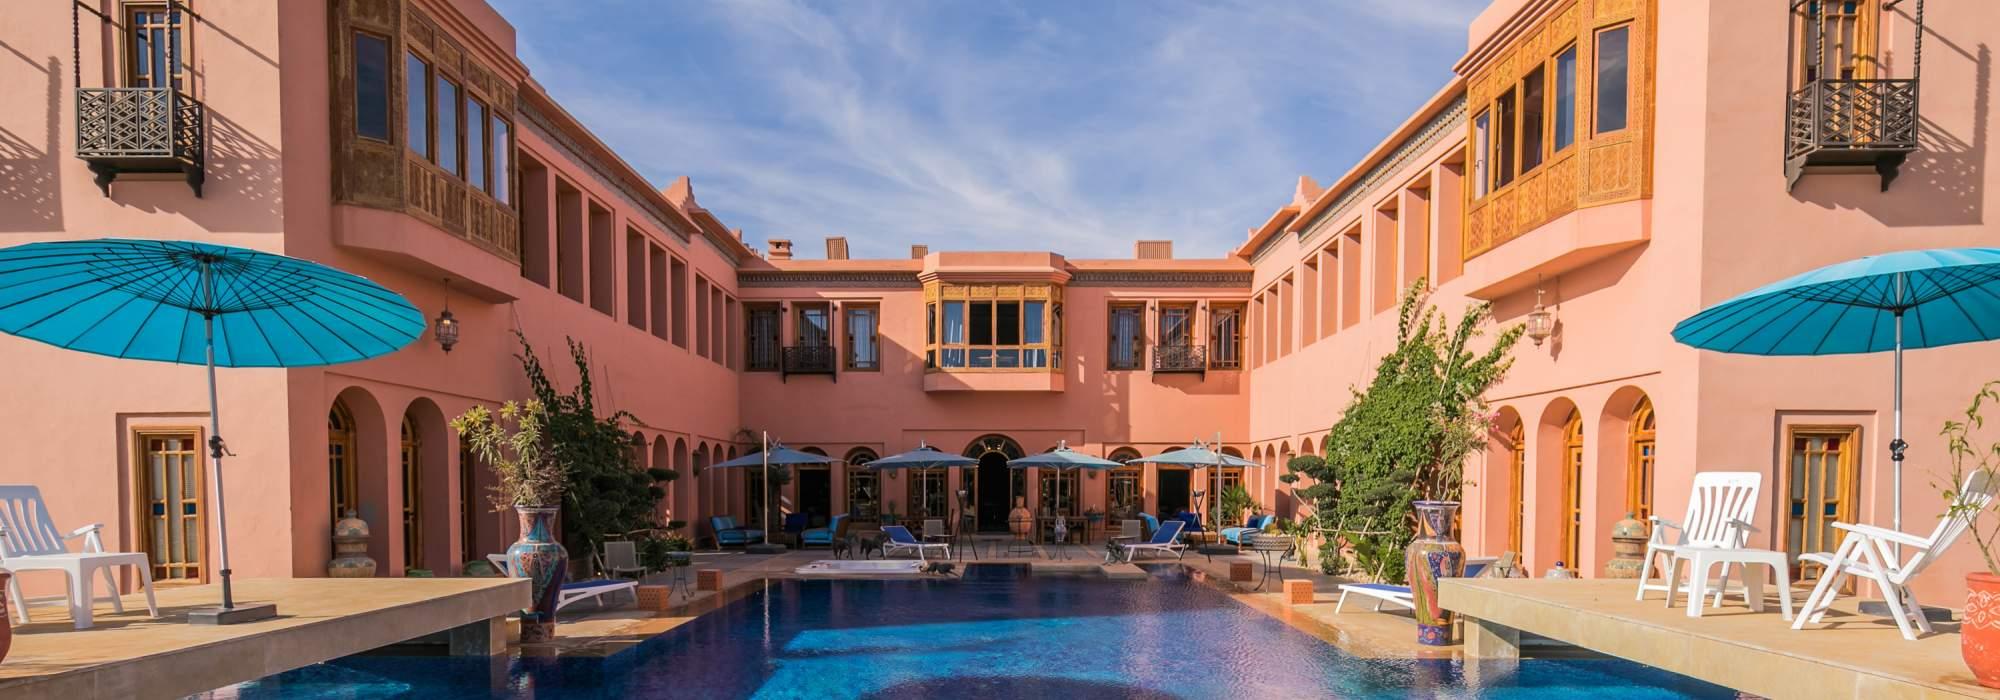 palais a vendre palmeraie marrakech